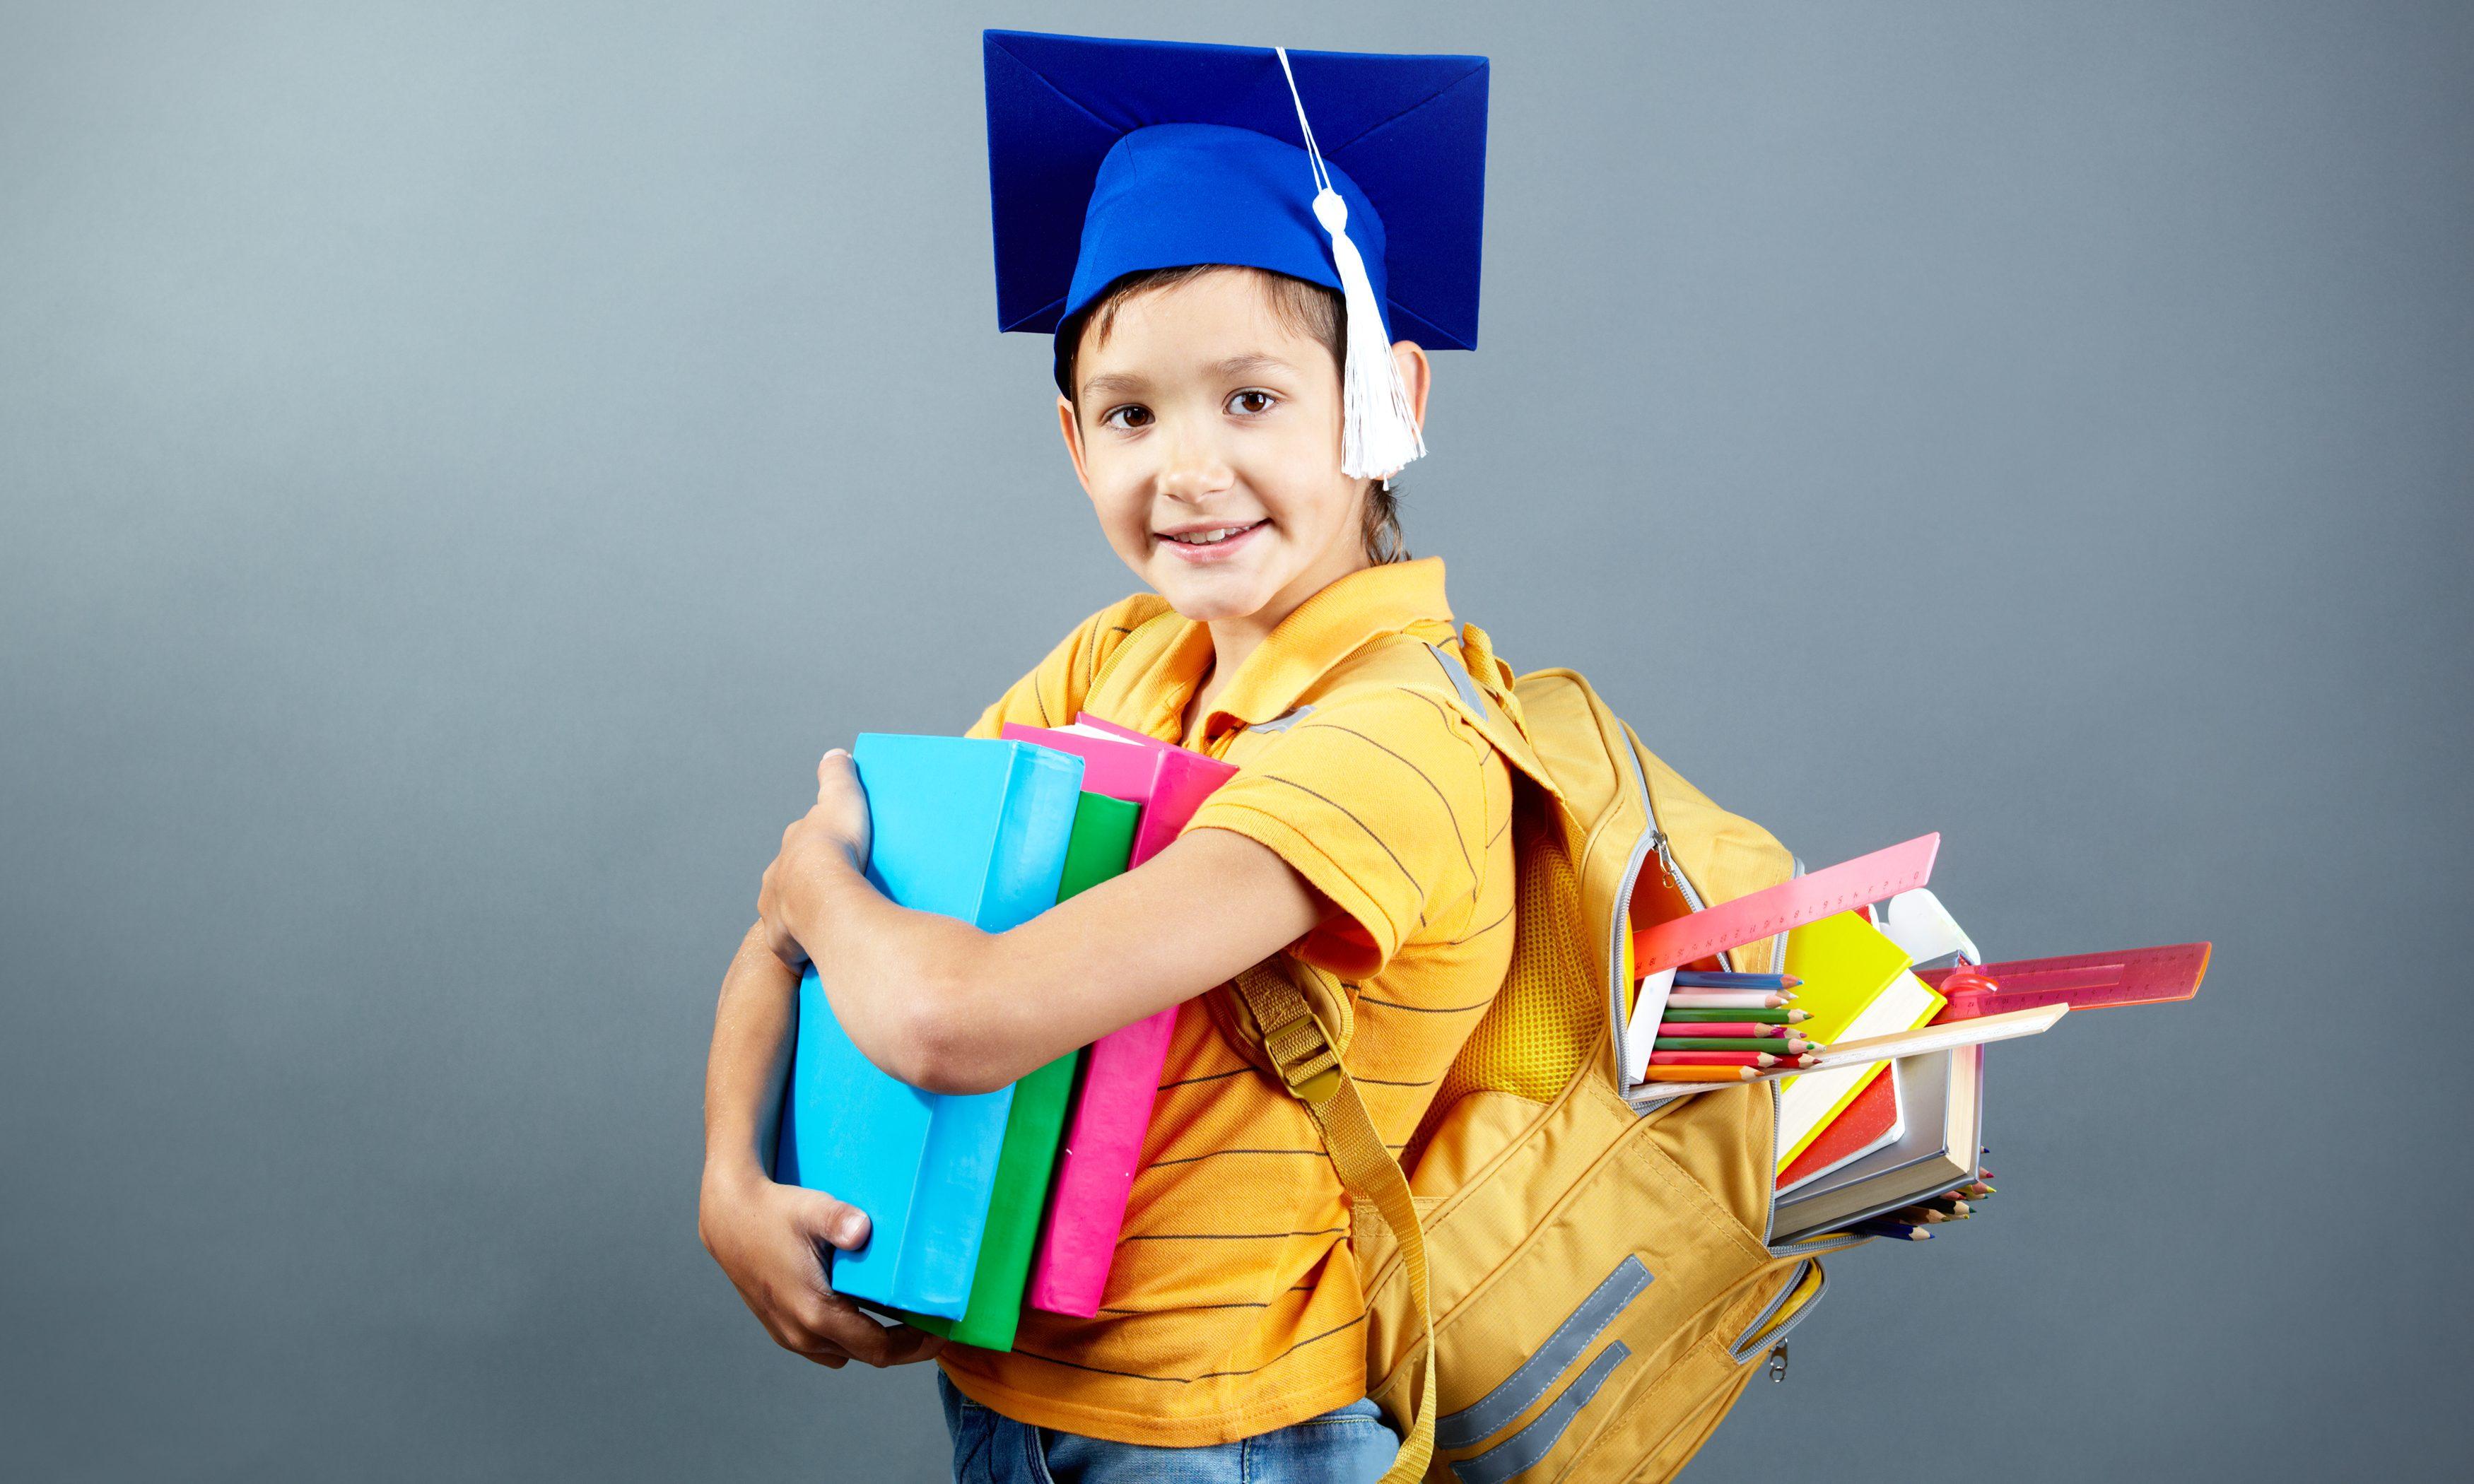 Ir para a escola – Lidar com as emoções (parte 1)